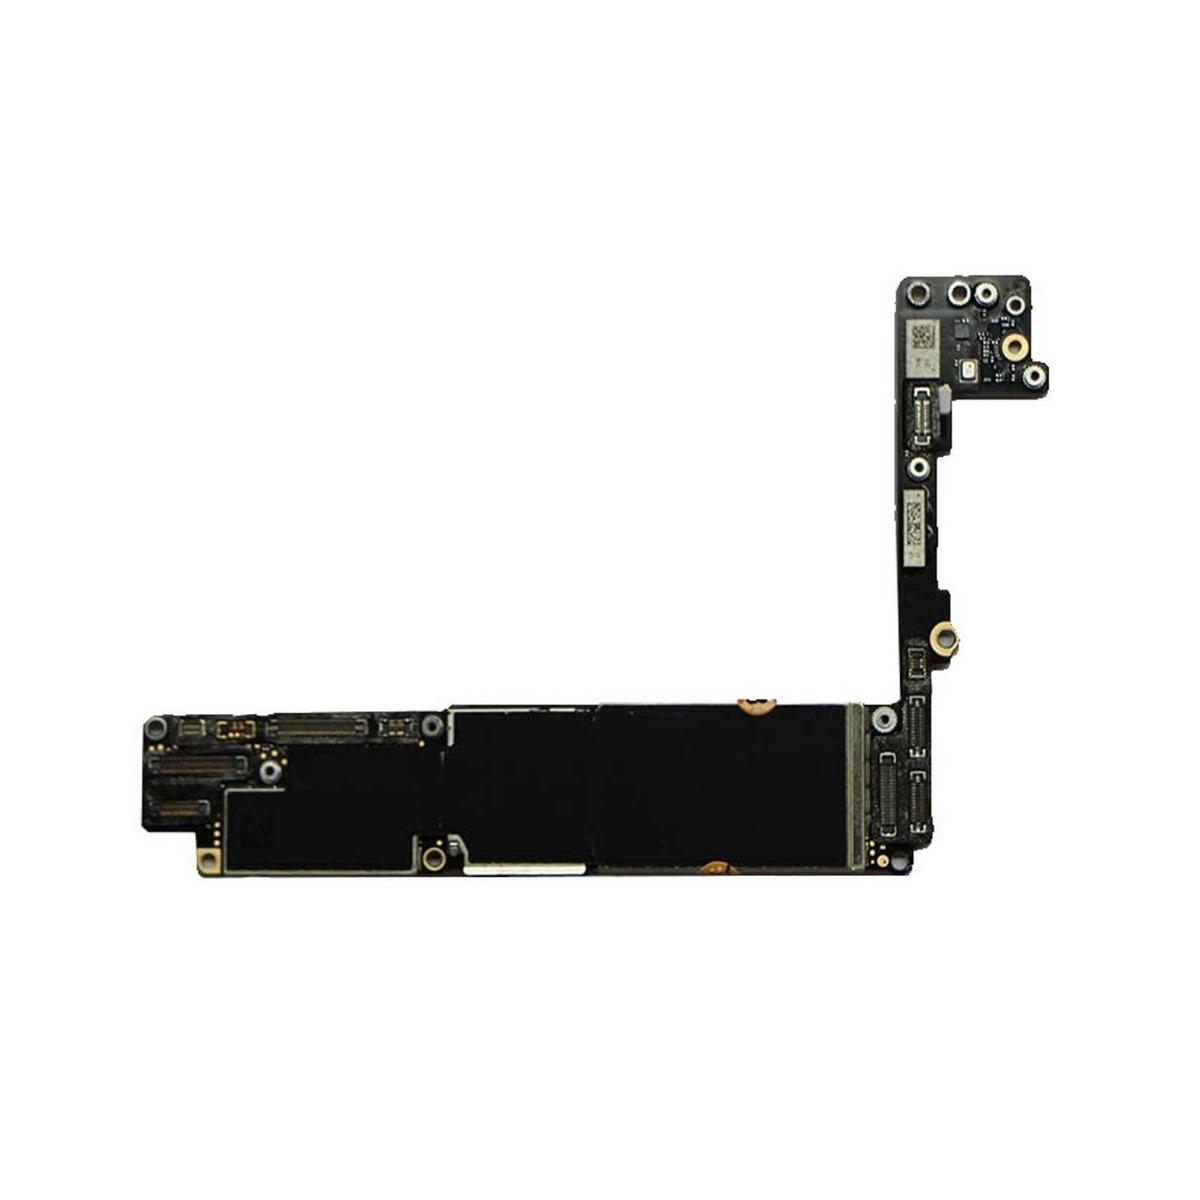 42f98be95b3 reparación placa mojado baño quimico iphone 8 plus a1864. Cargando zoom.